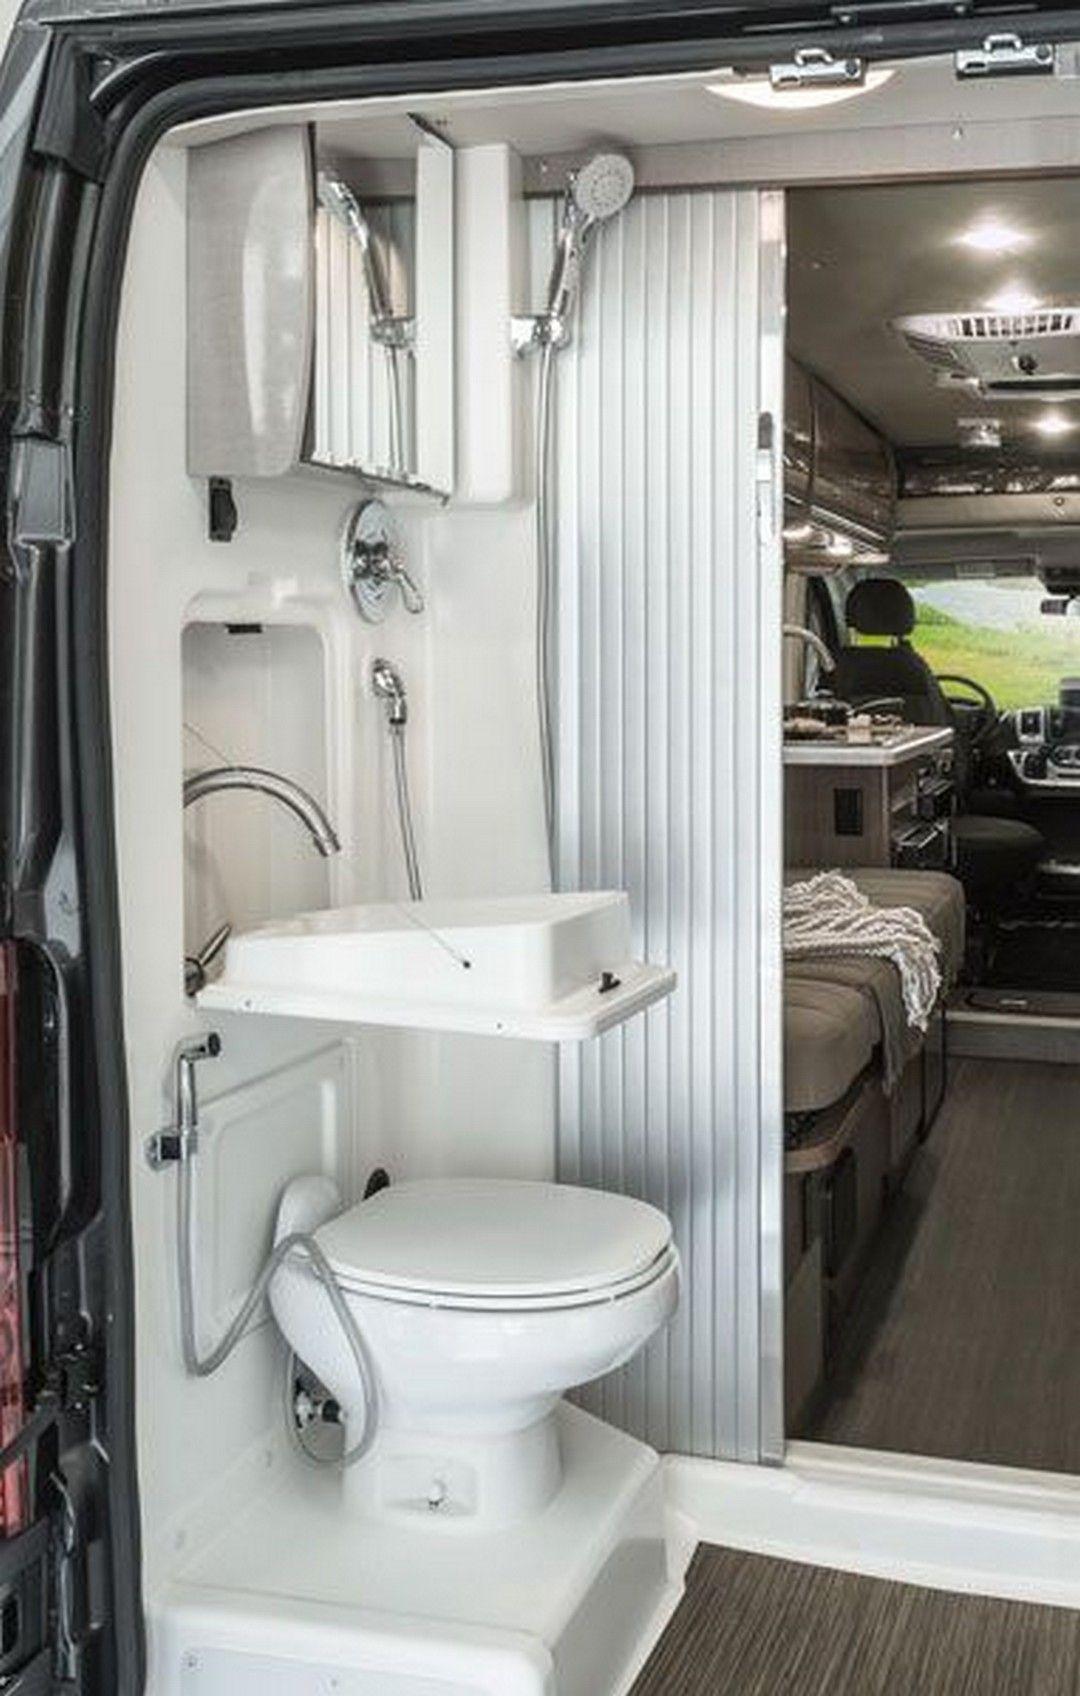 16 Luxury Van Life Interior Design Ideas Vanchitecture 2017 12 17